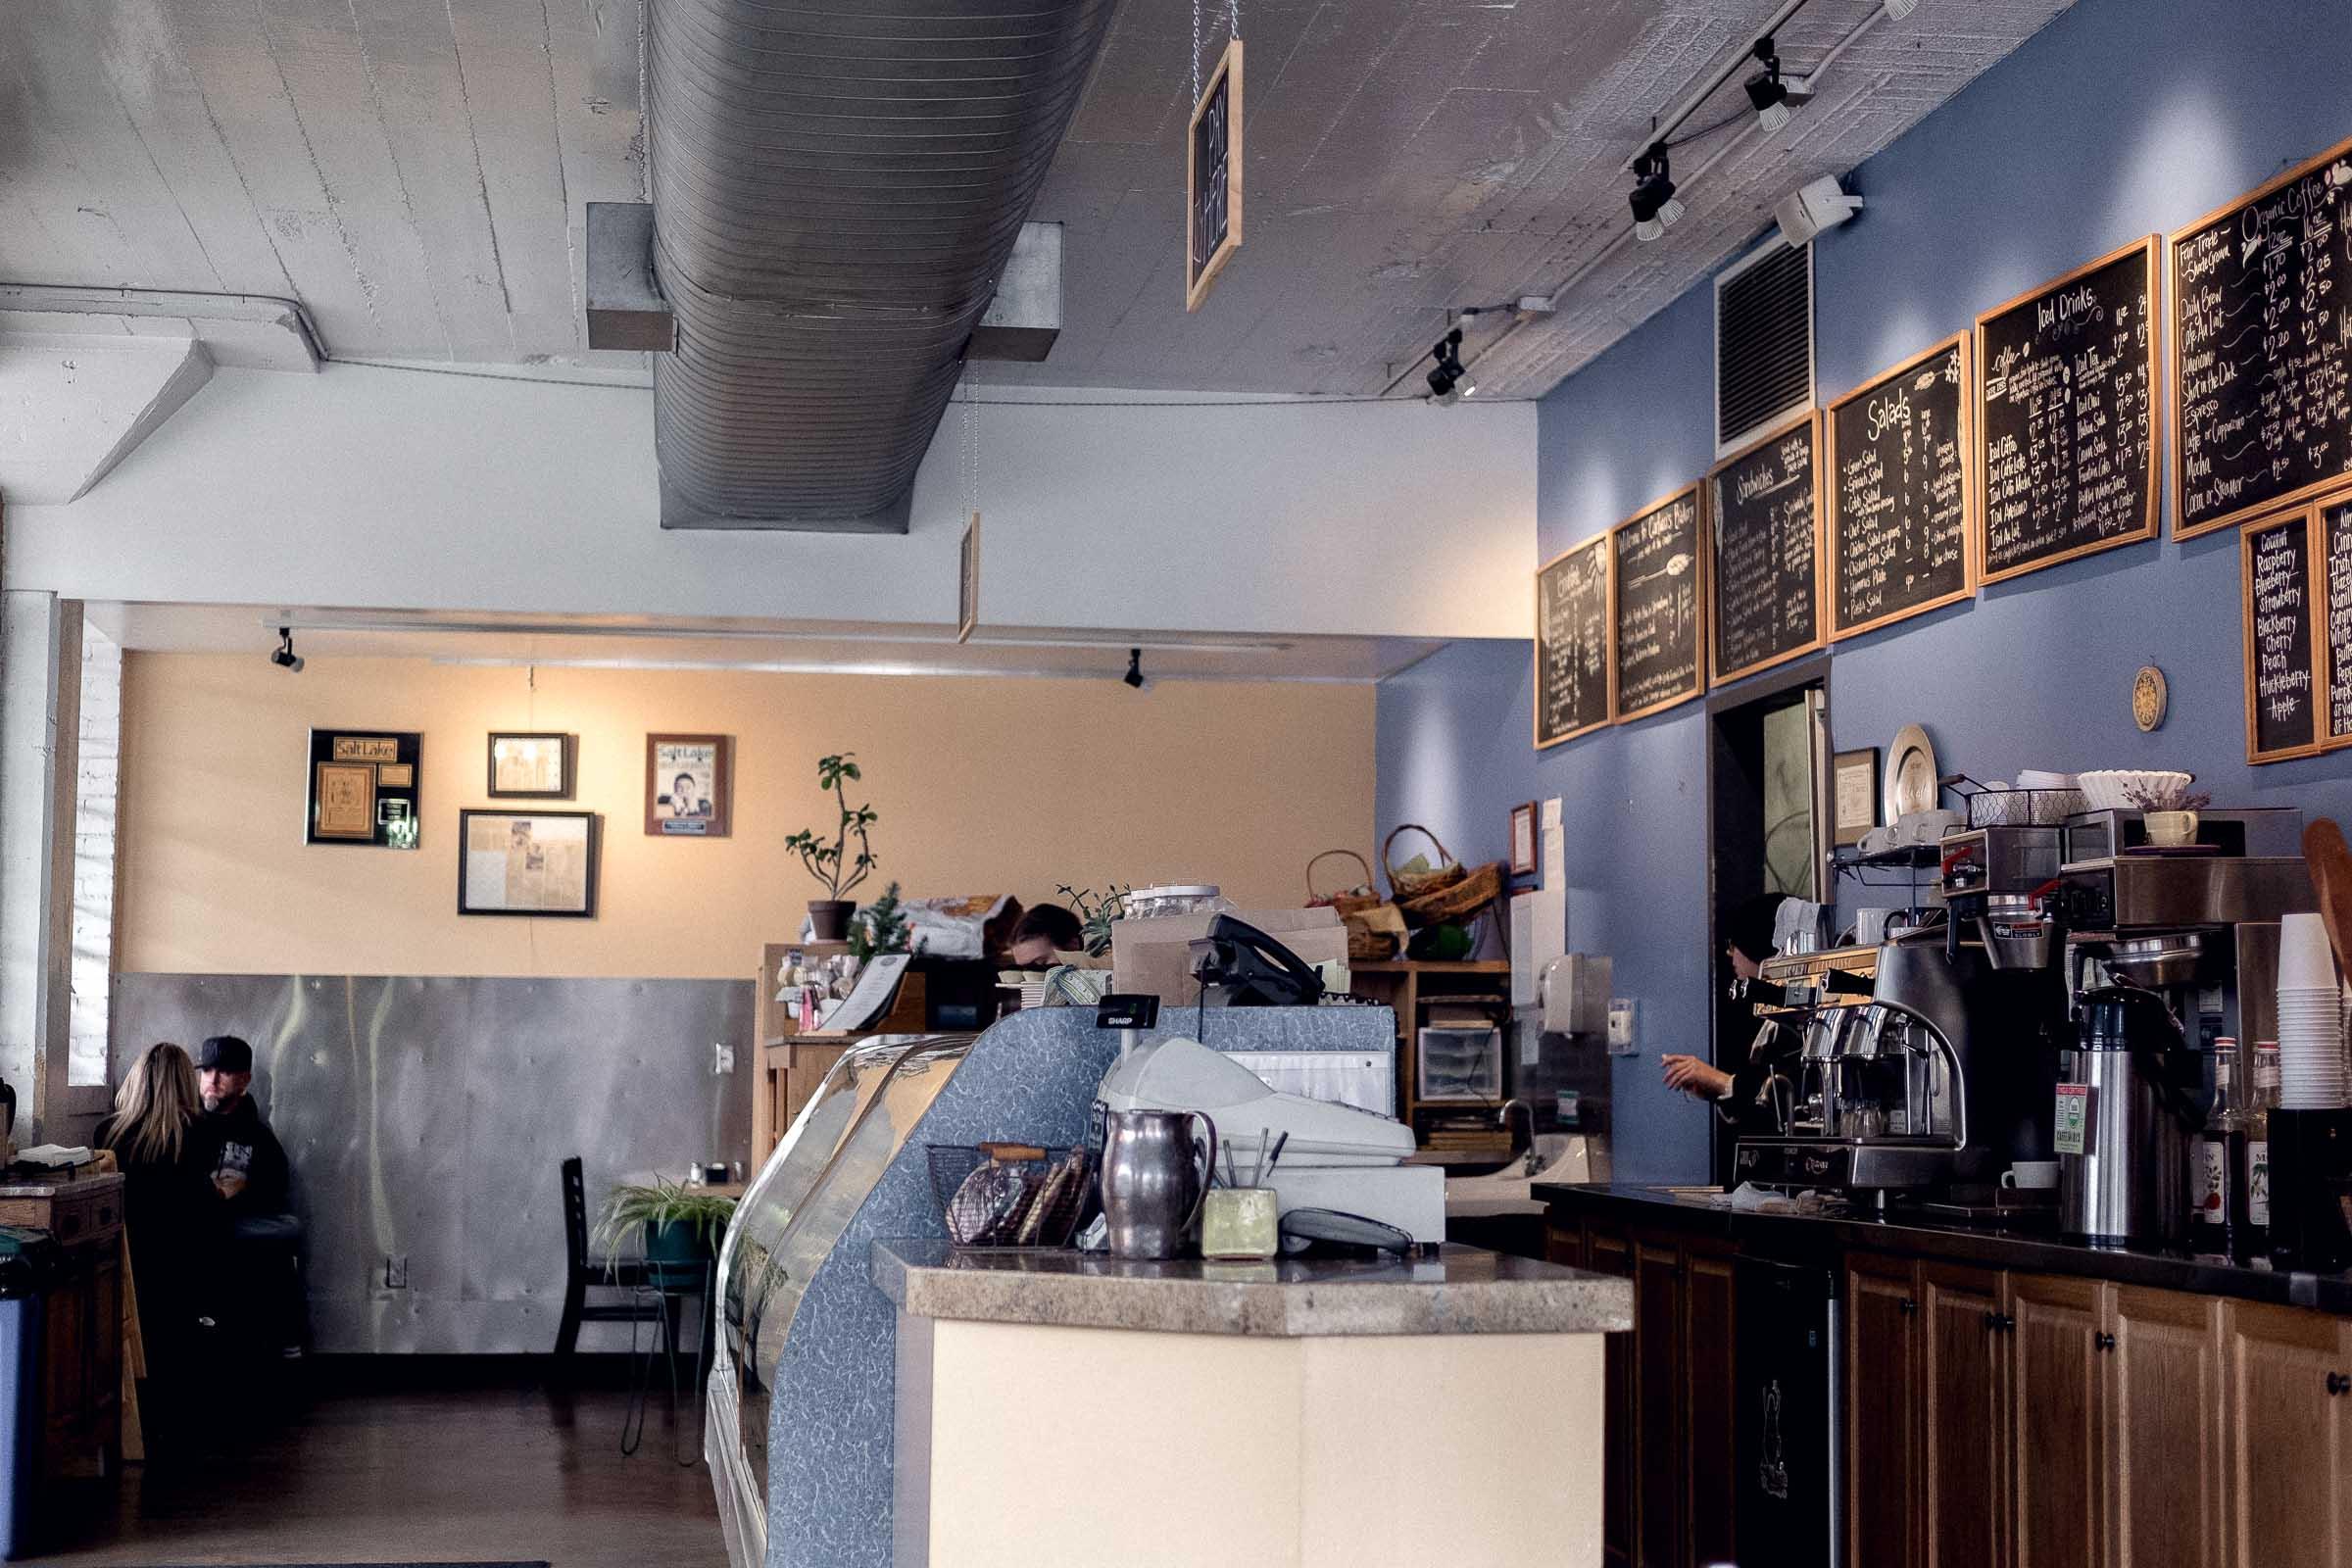 Rachel Off Duty: Carlucci's Bakery